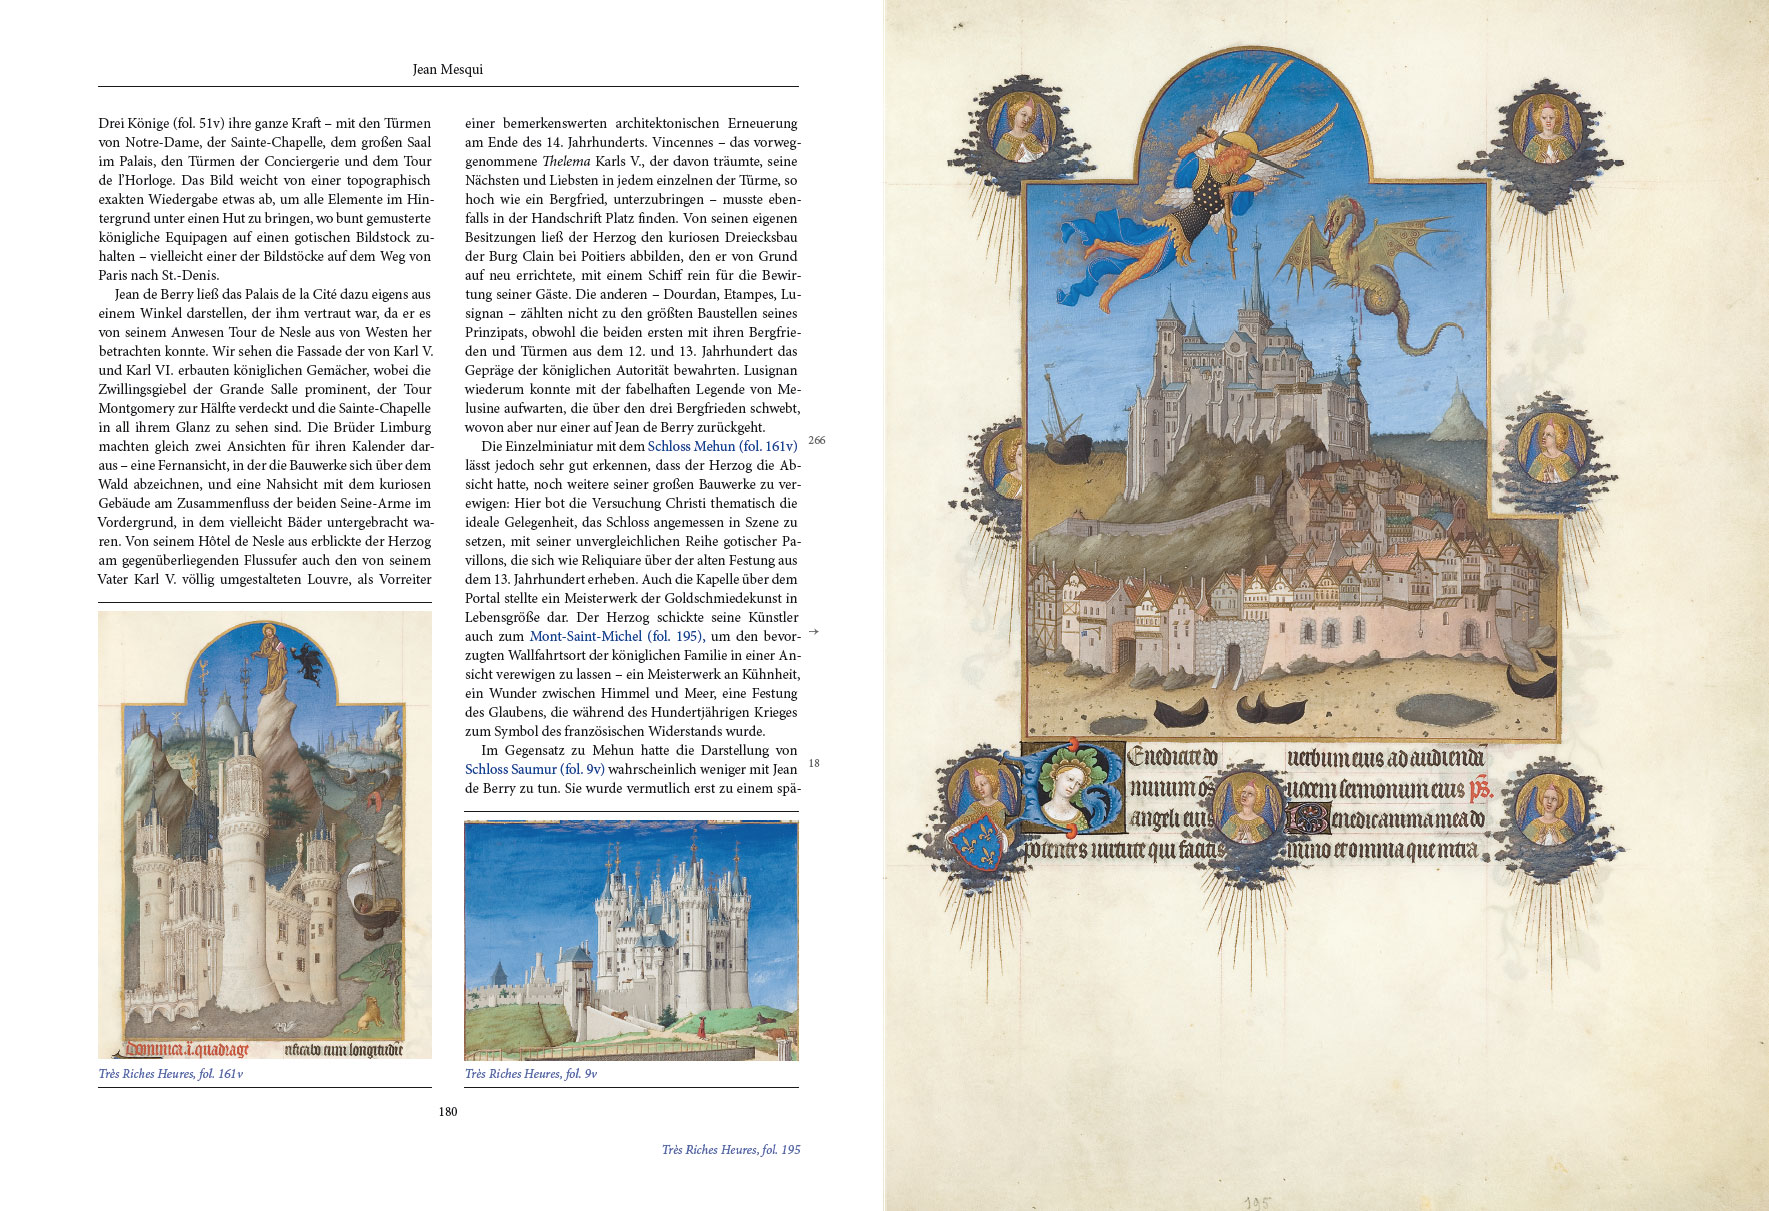 Kunstbuch-Edition der Très Riches Heures, p. 180-181